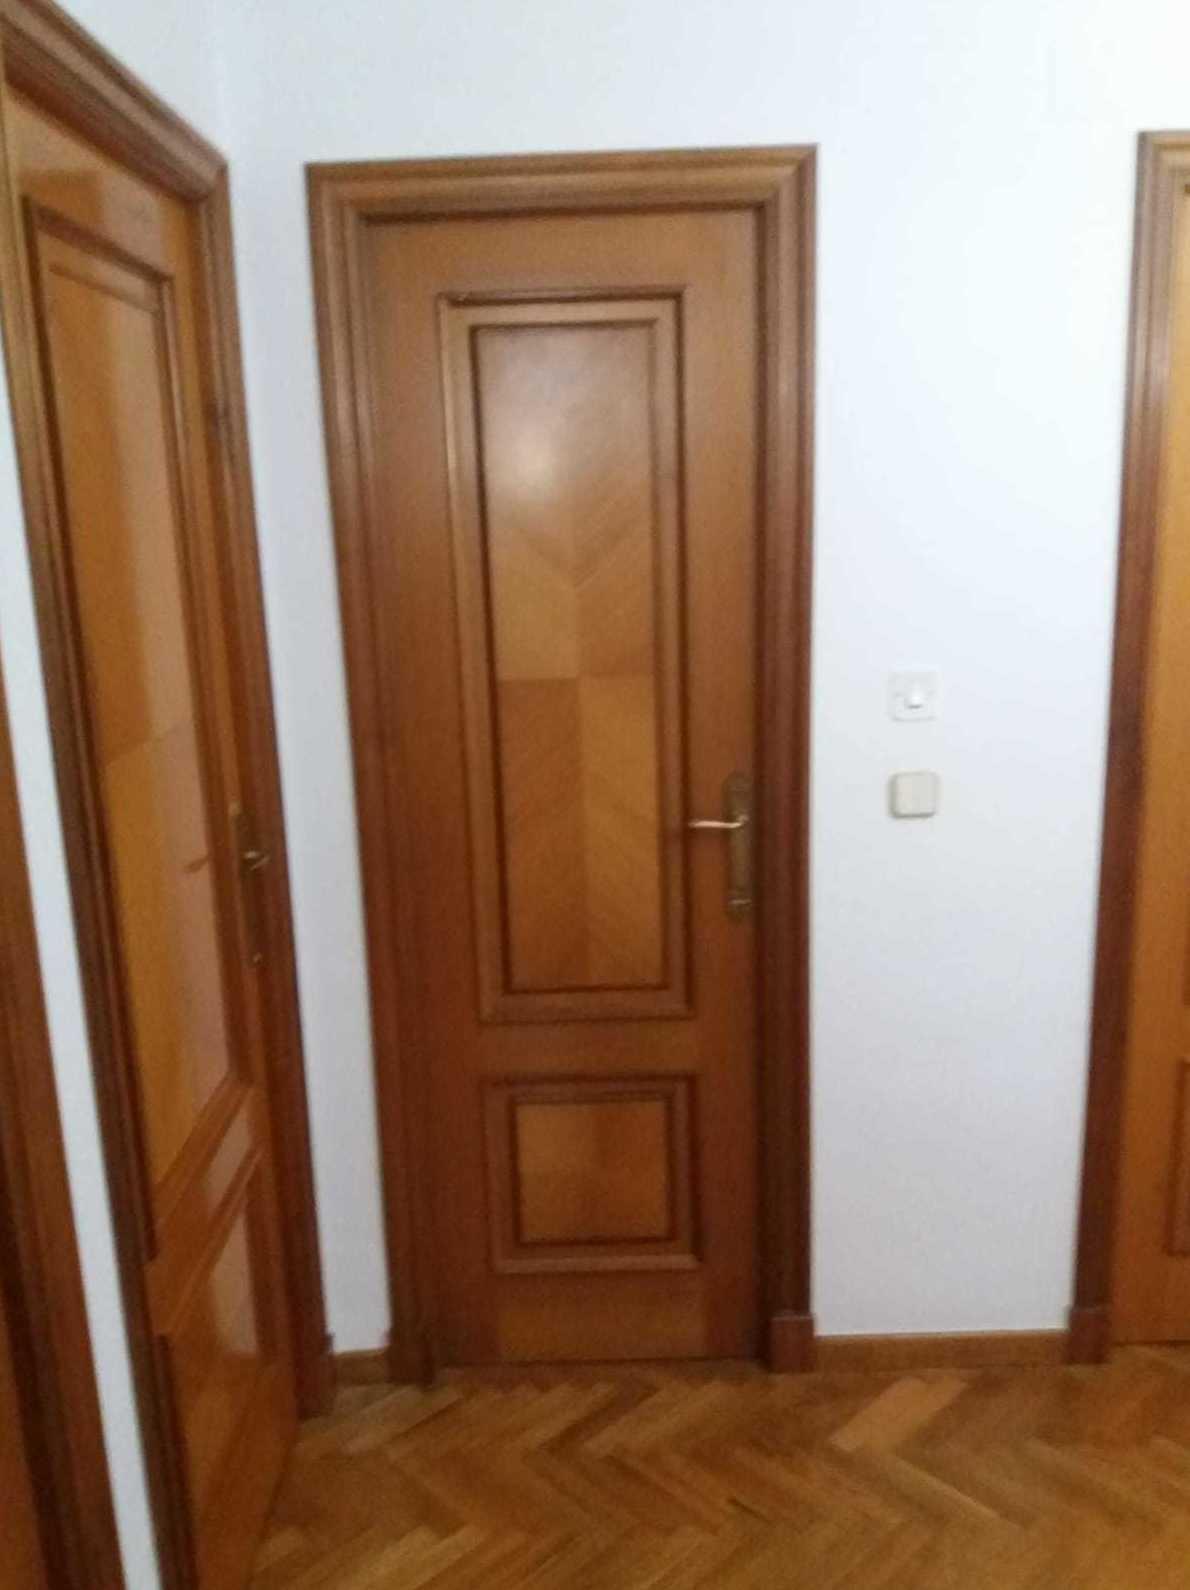 Puertas plafonadas de madera